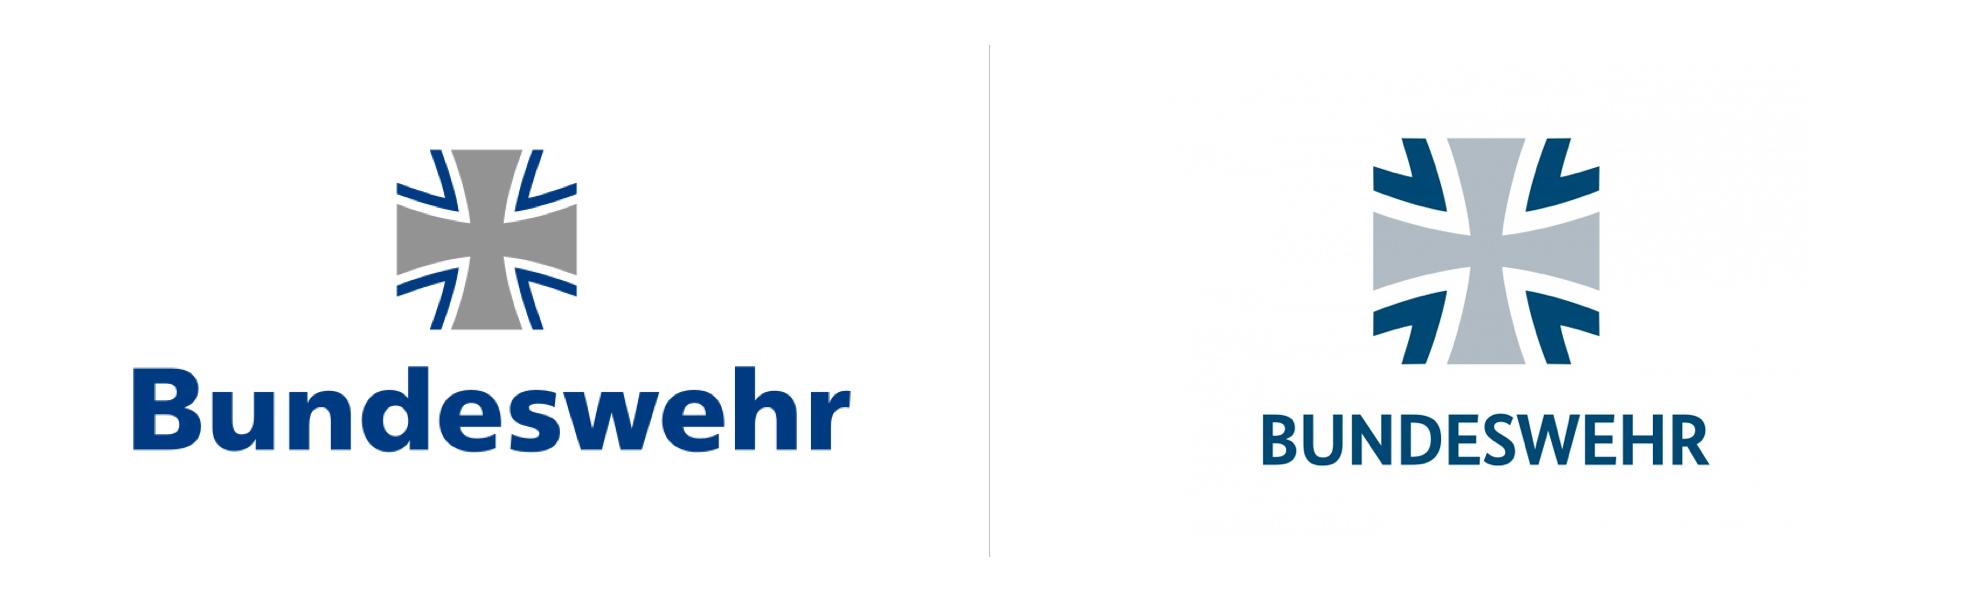 bundeswehra ma nowe logo